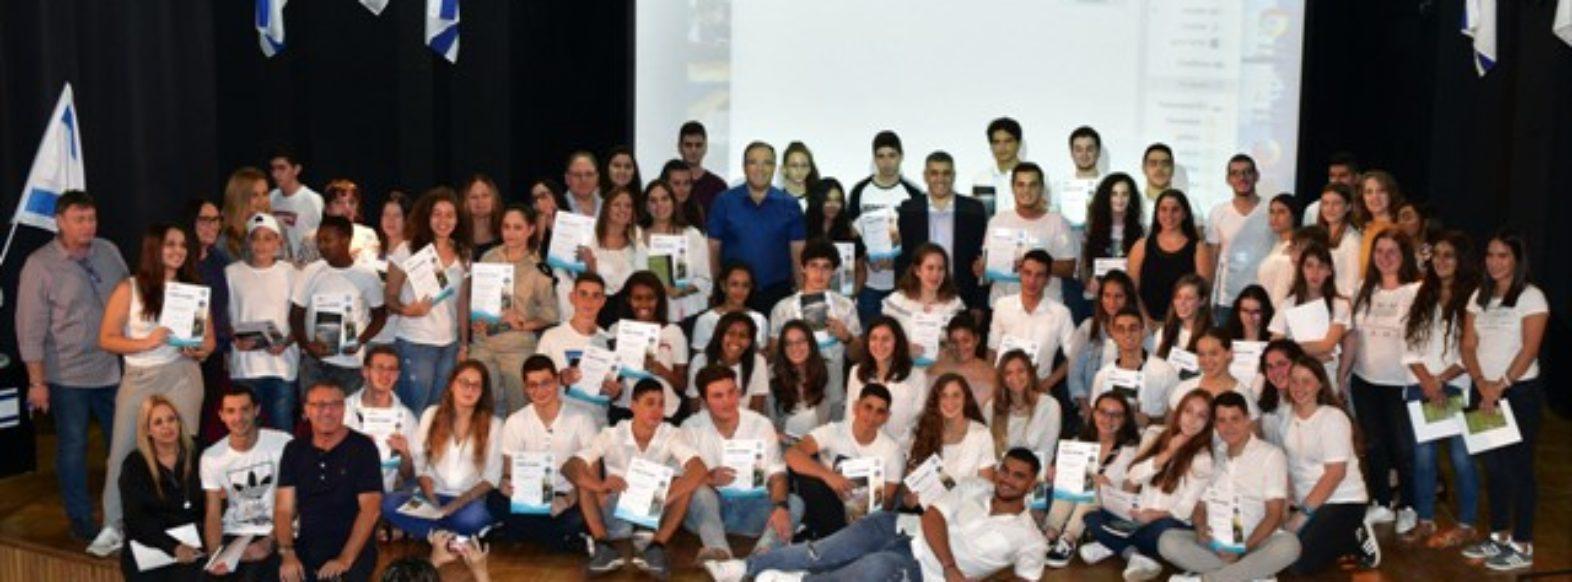 קריית ביאליק מוקירה את הנוער המתנדב